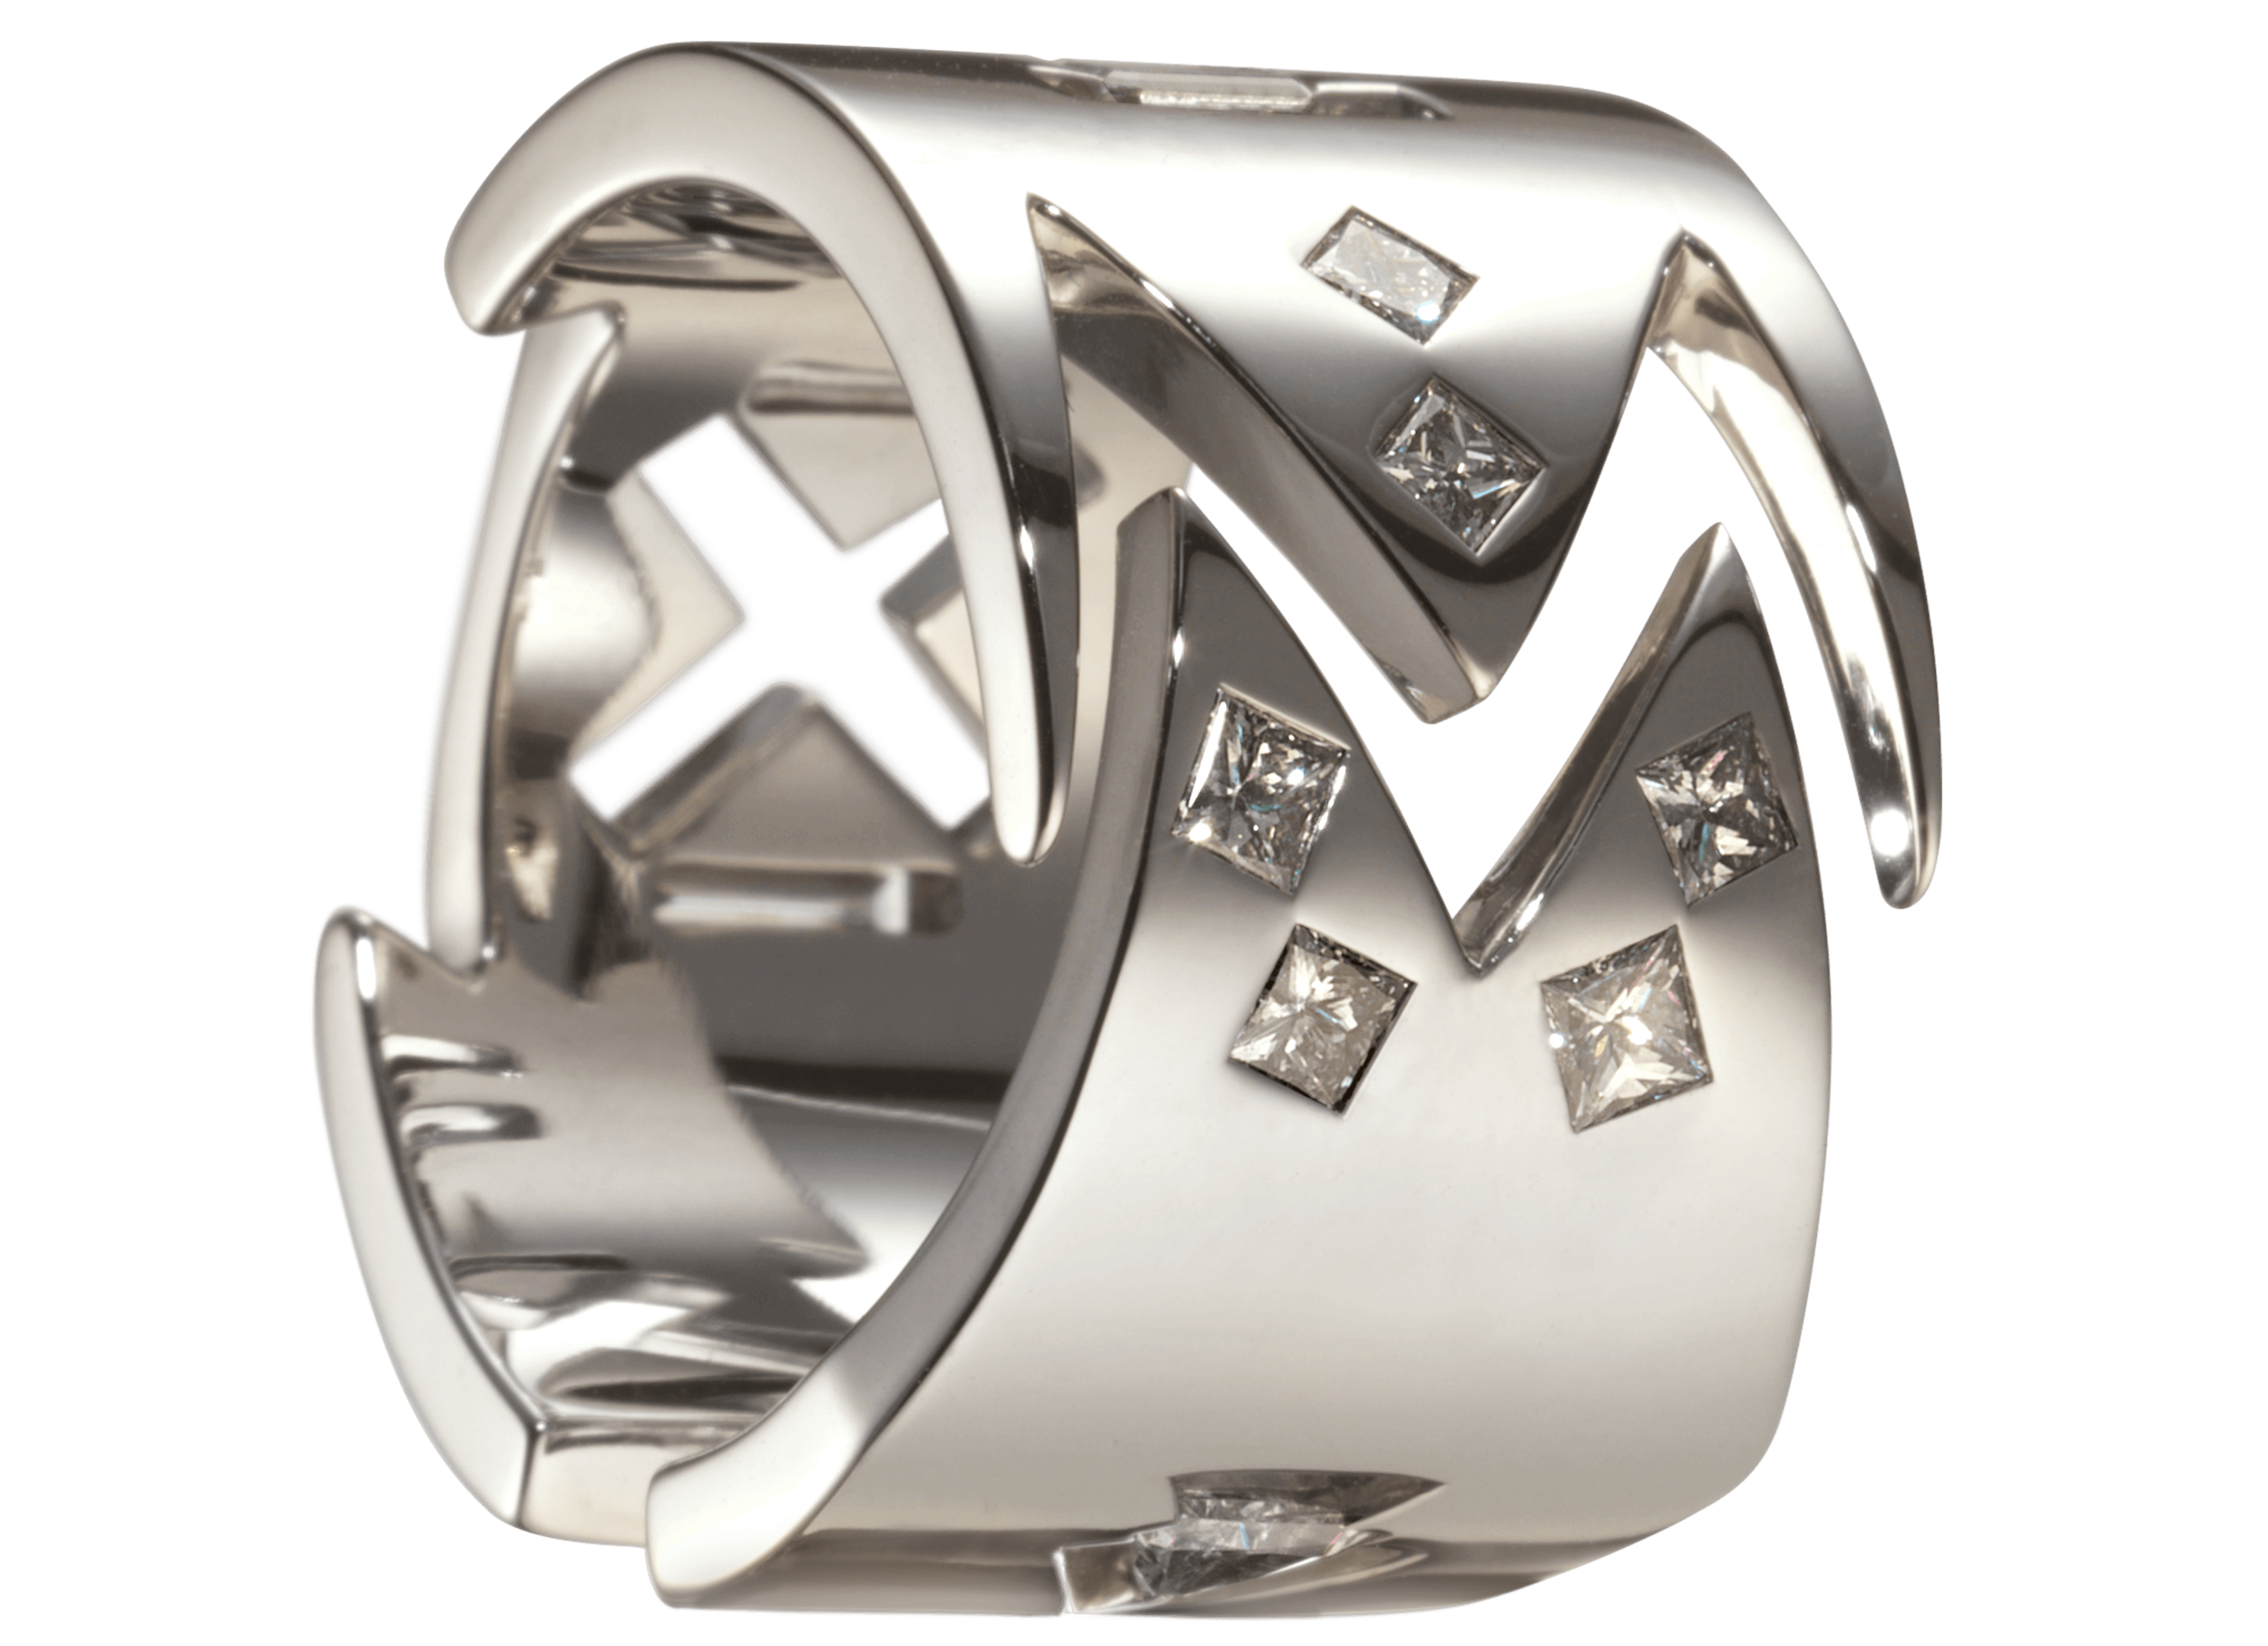 Bague Malévitch - Monture à partir de 3 000 € plus les pierres.(modèle présenté 5 000 € or blanc et 10 diamants 0,61 carat)